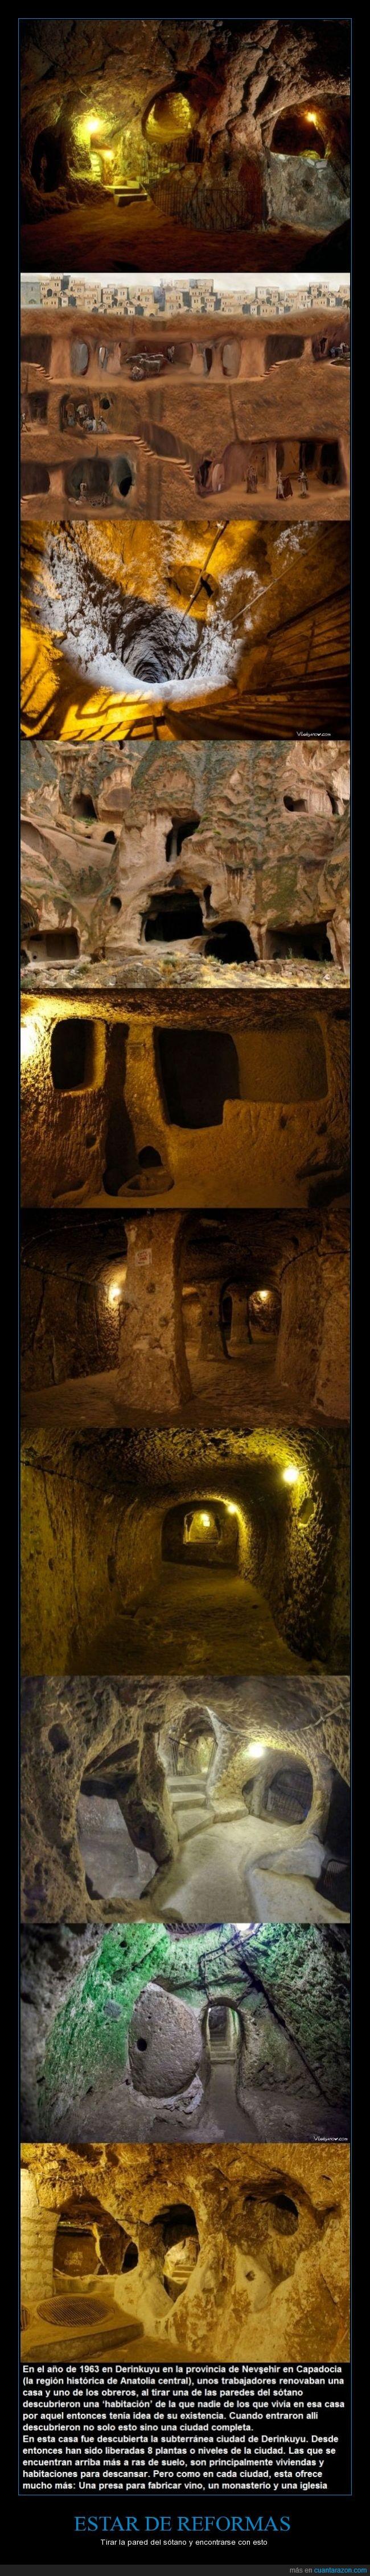 anatolia,ciudad subterránea,curiosidad,derinkuyu,habitación,pasadizo,reformas,sótano